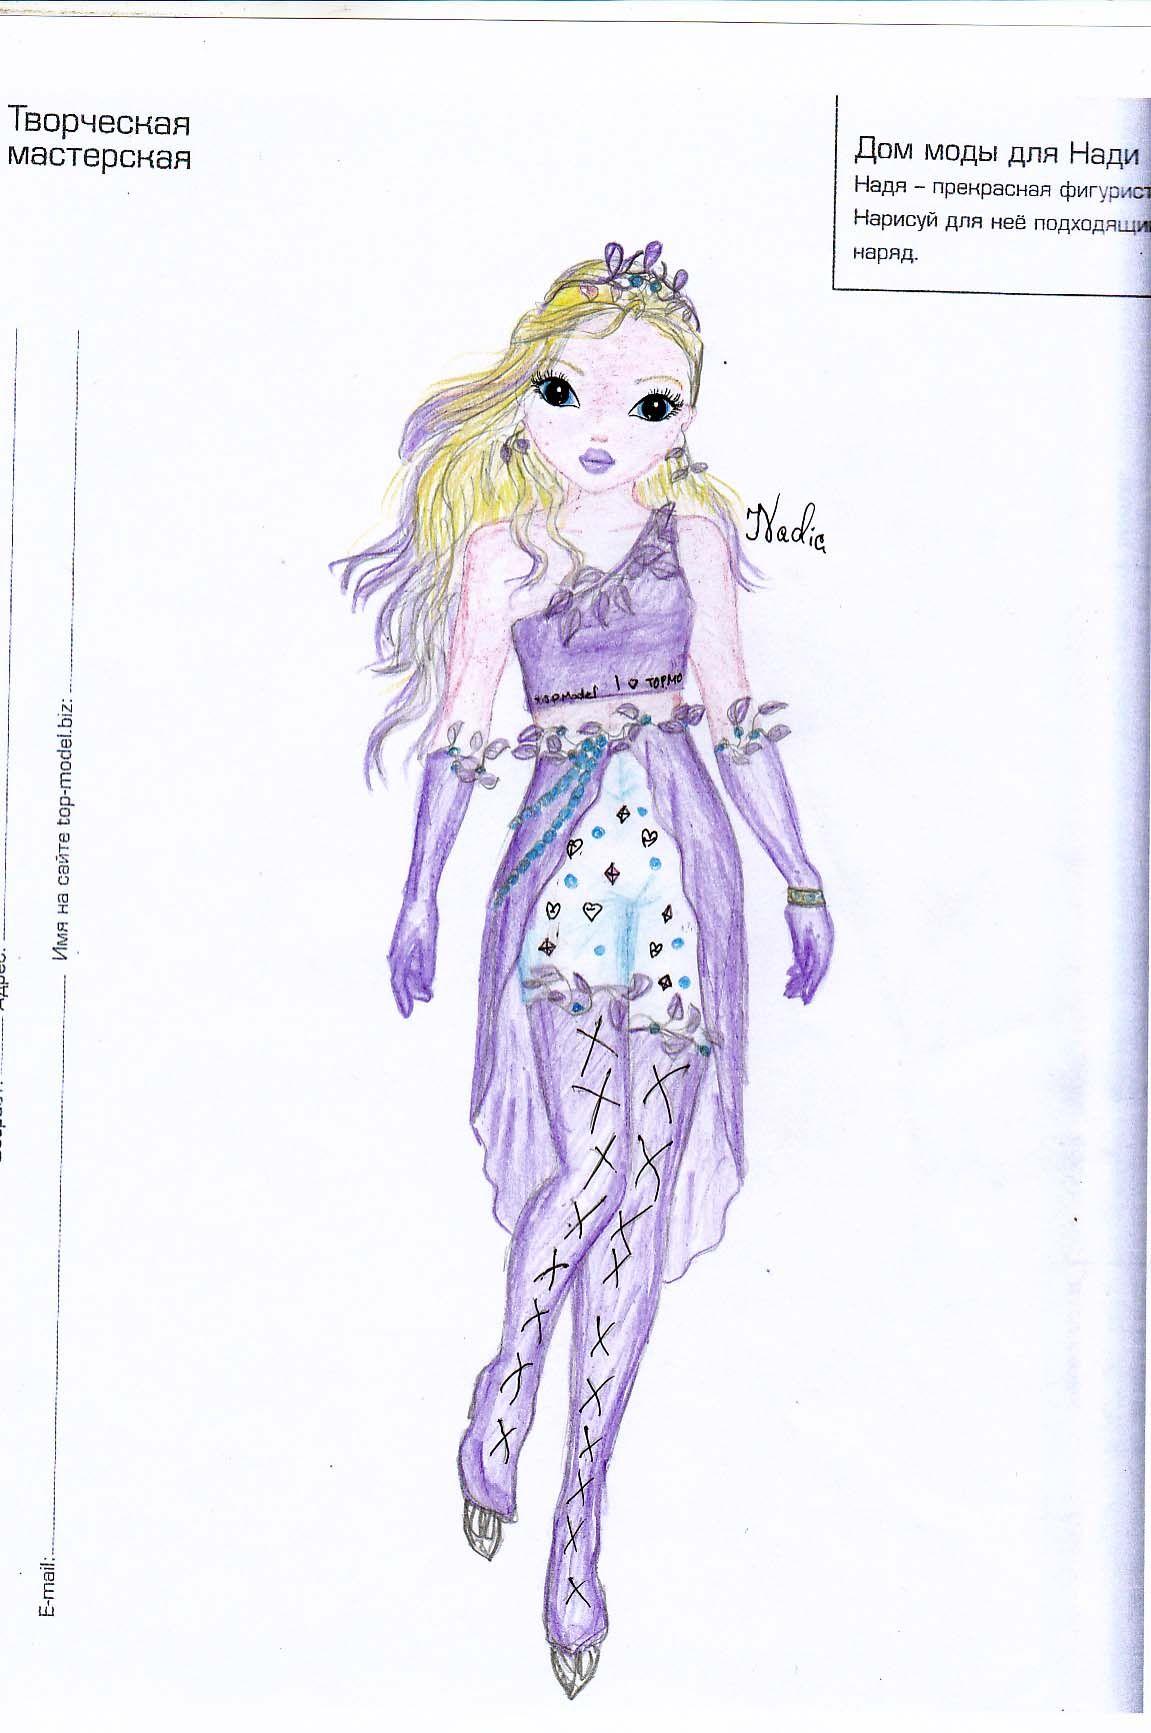 Marina M., 11-vuotta